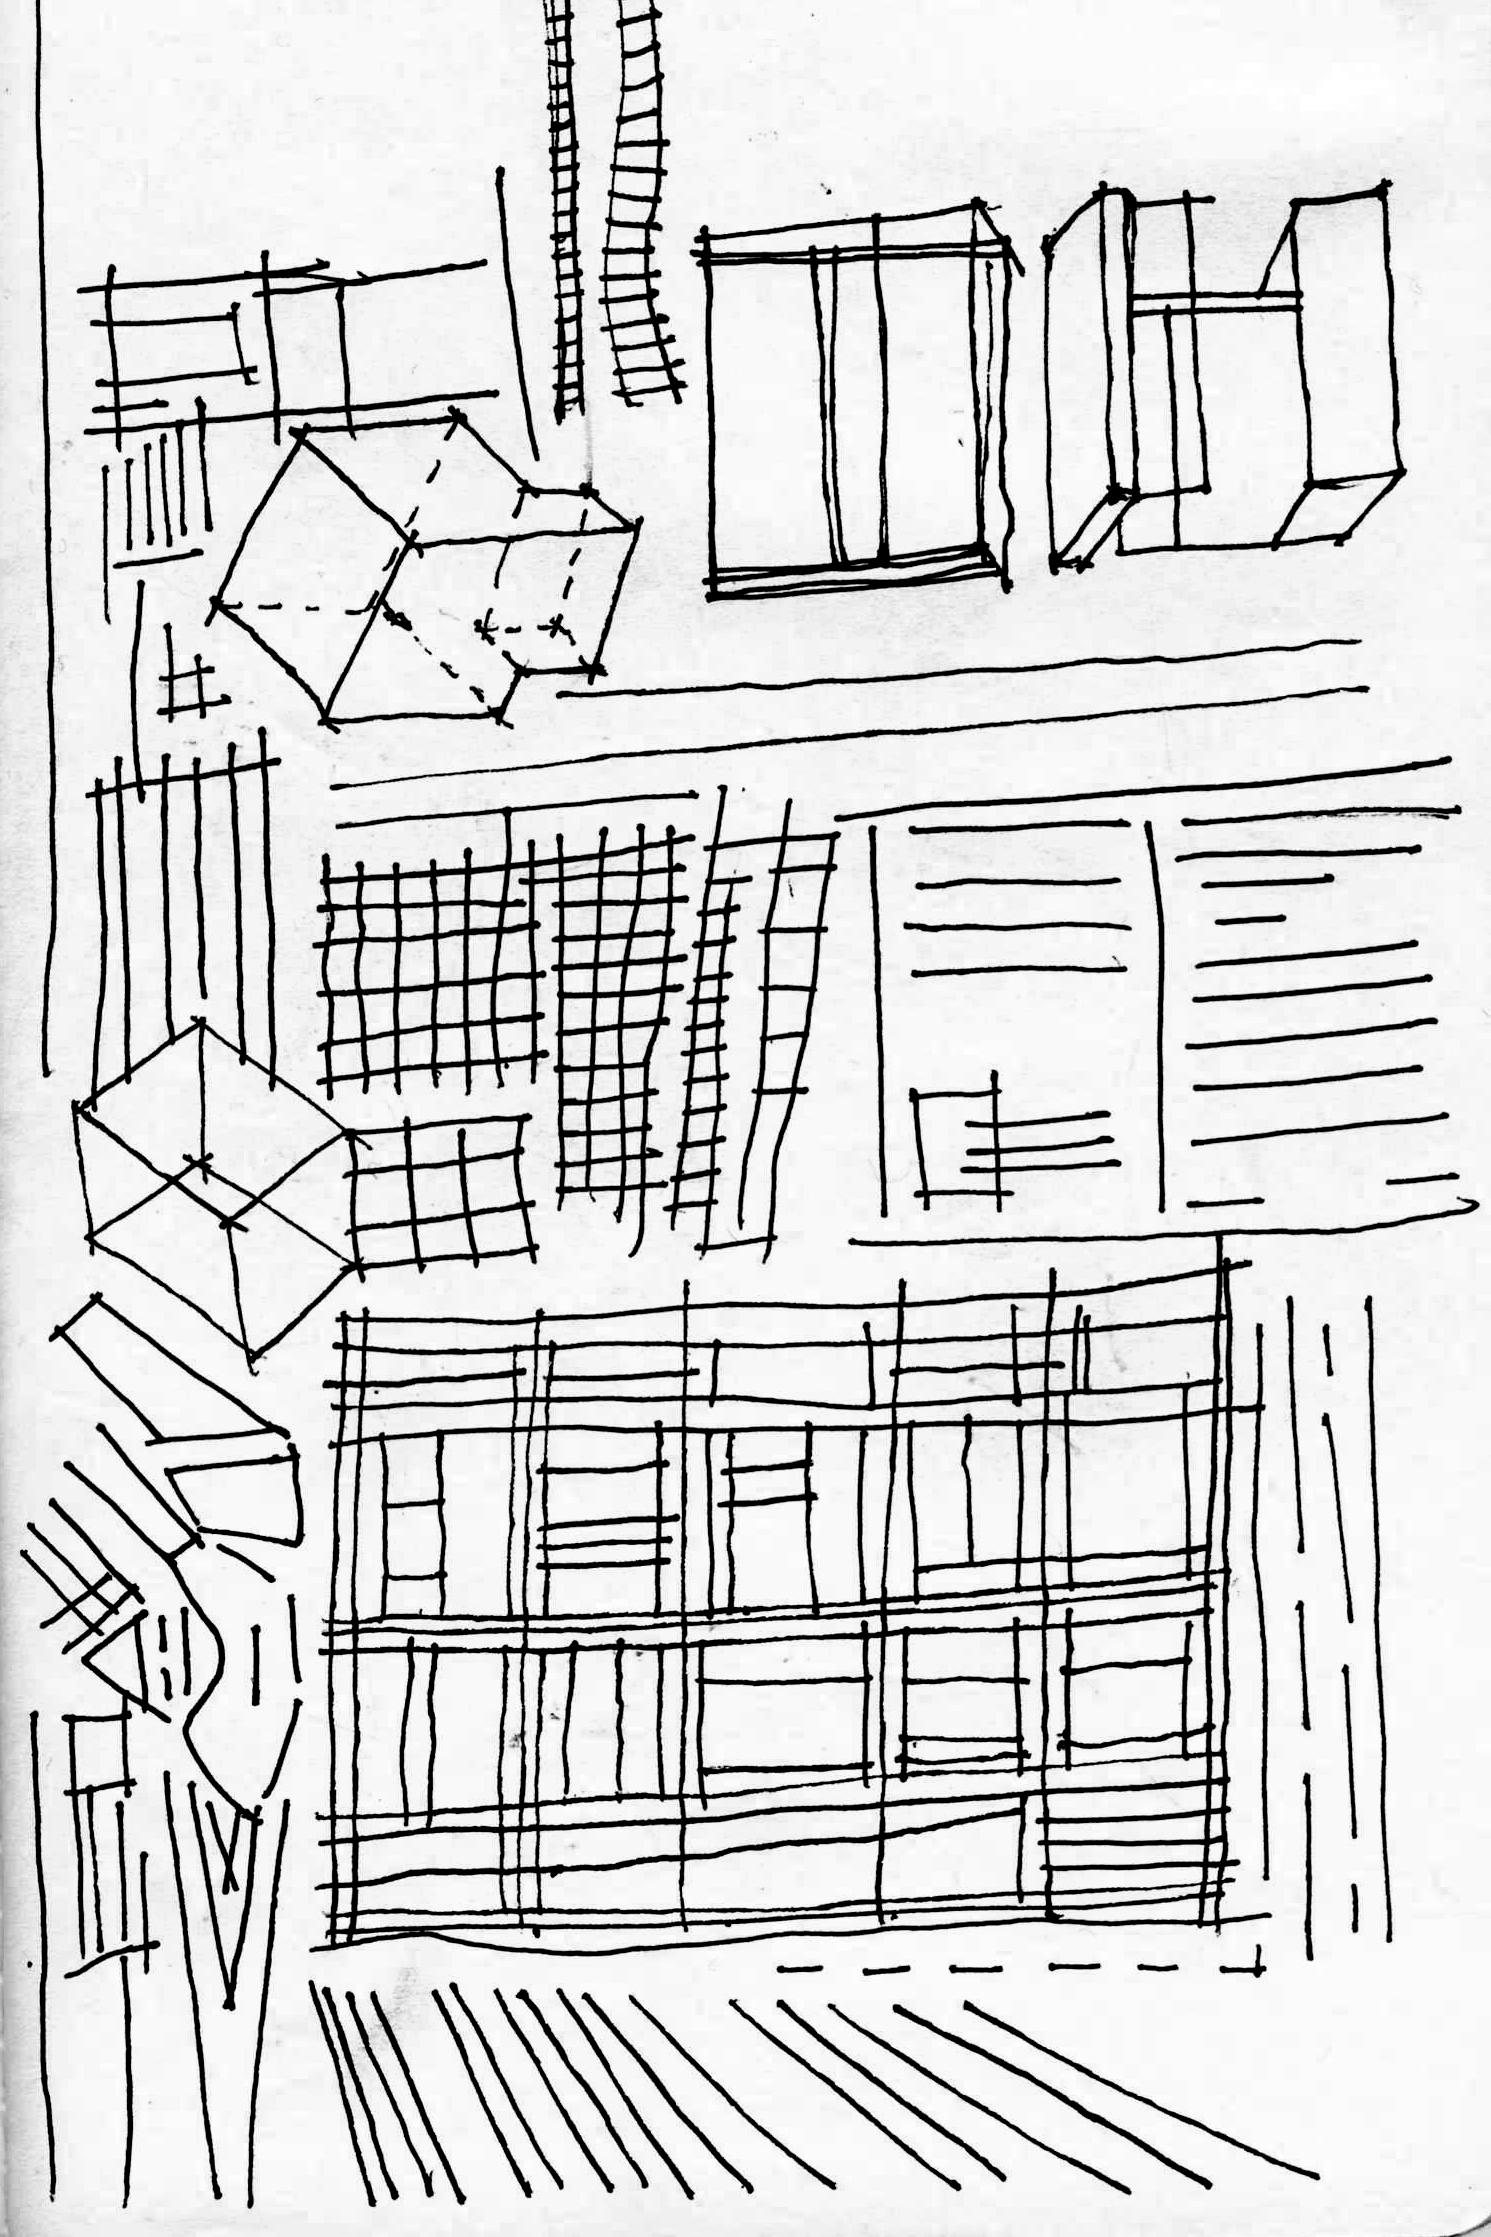 pen-lines-in-sketchbook.png